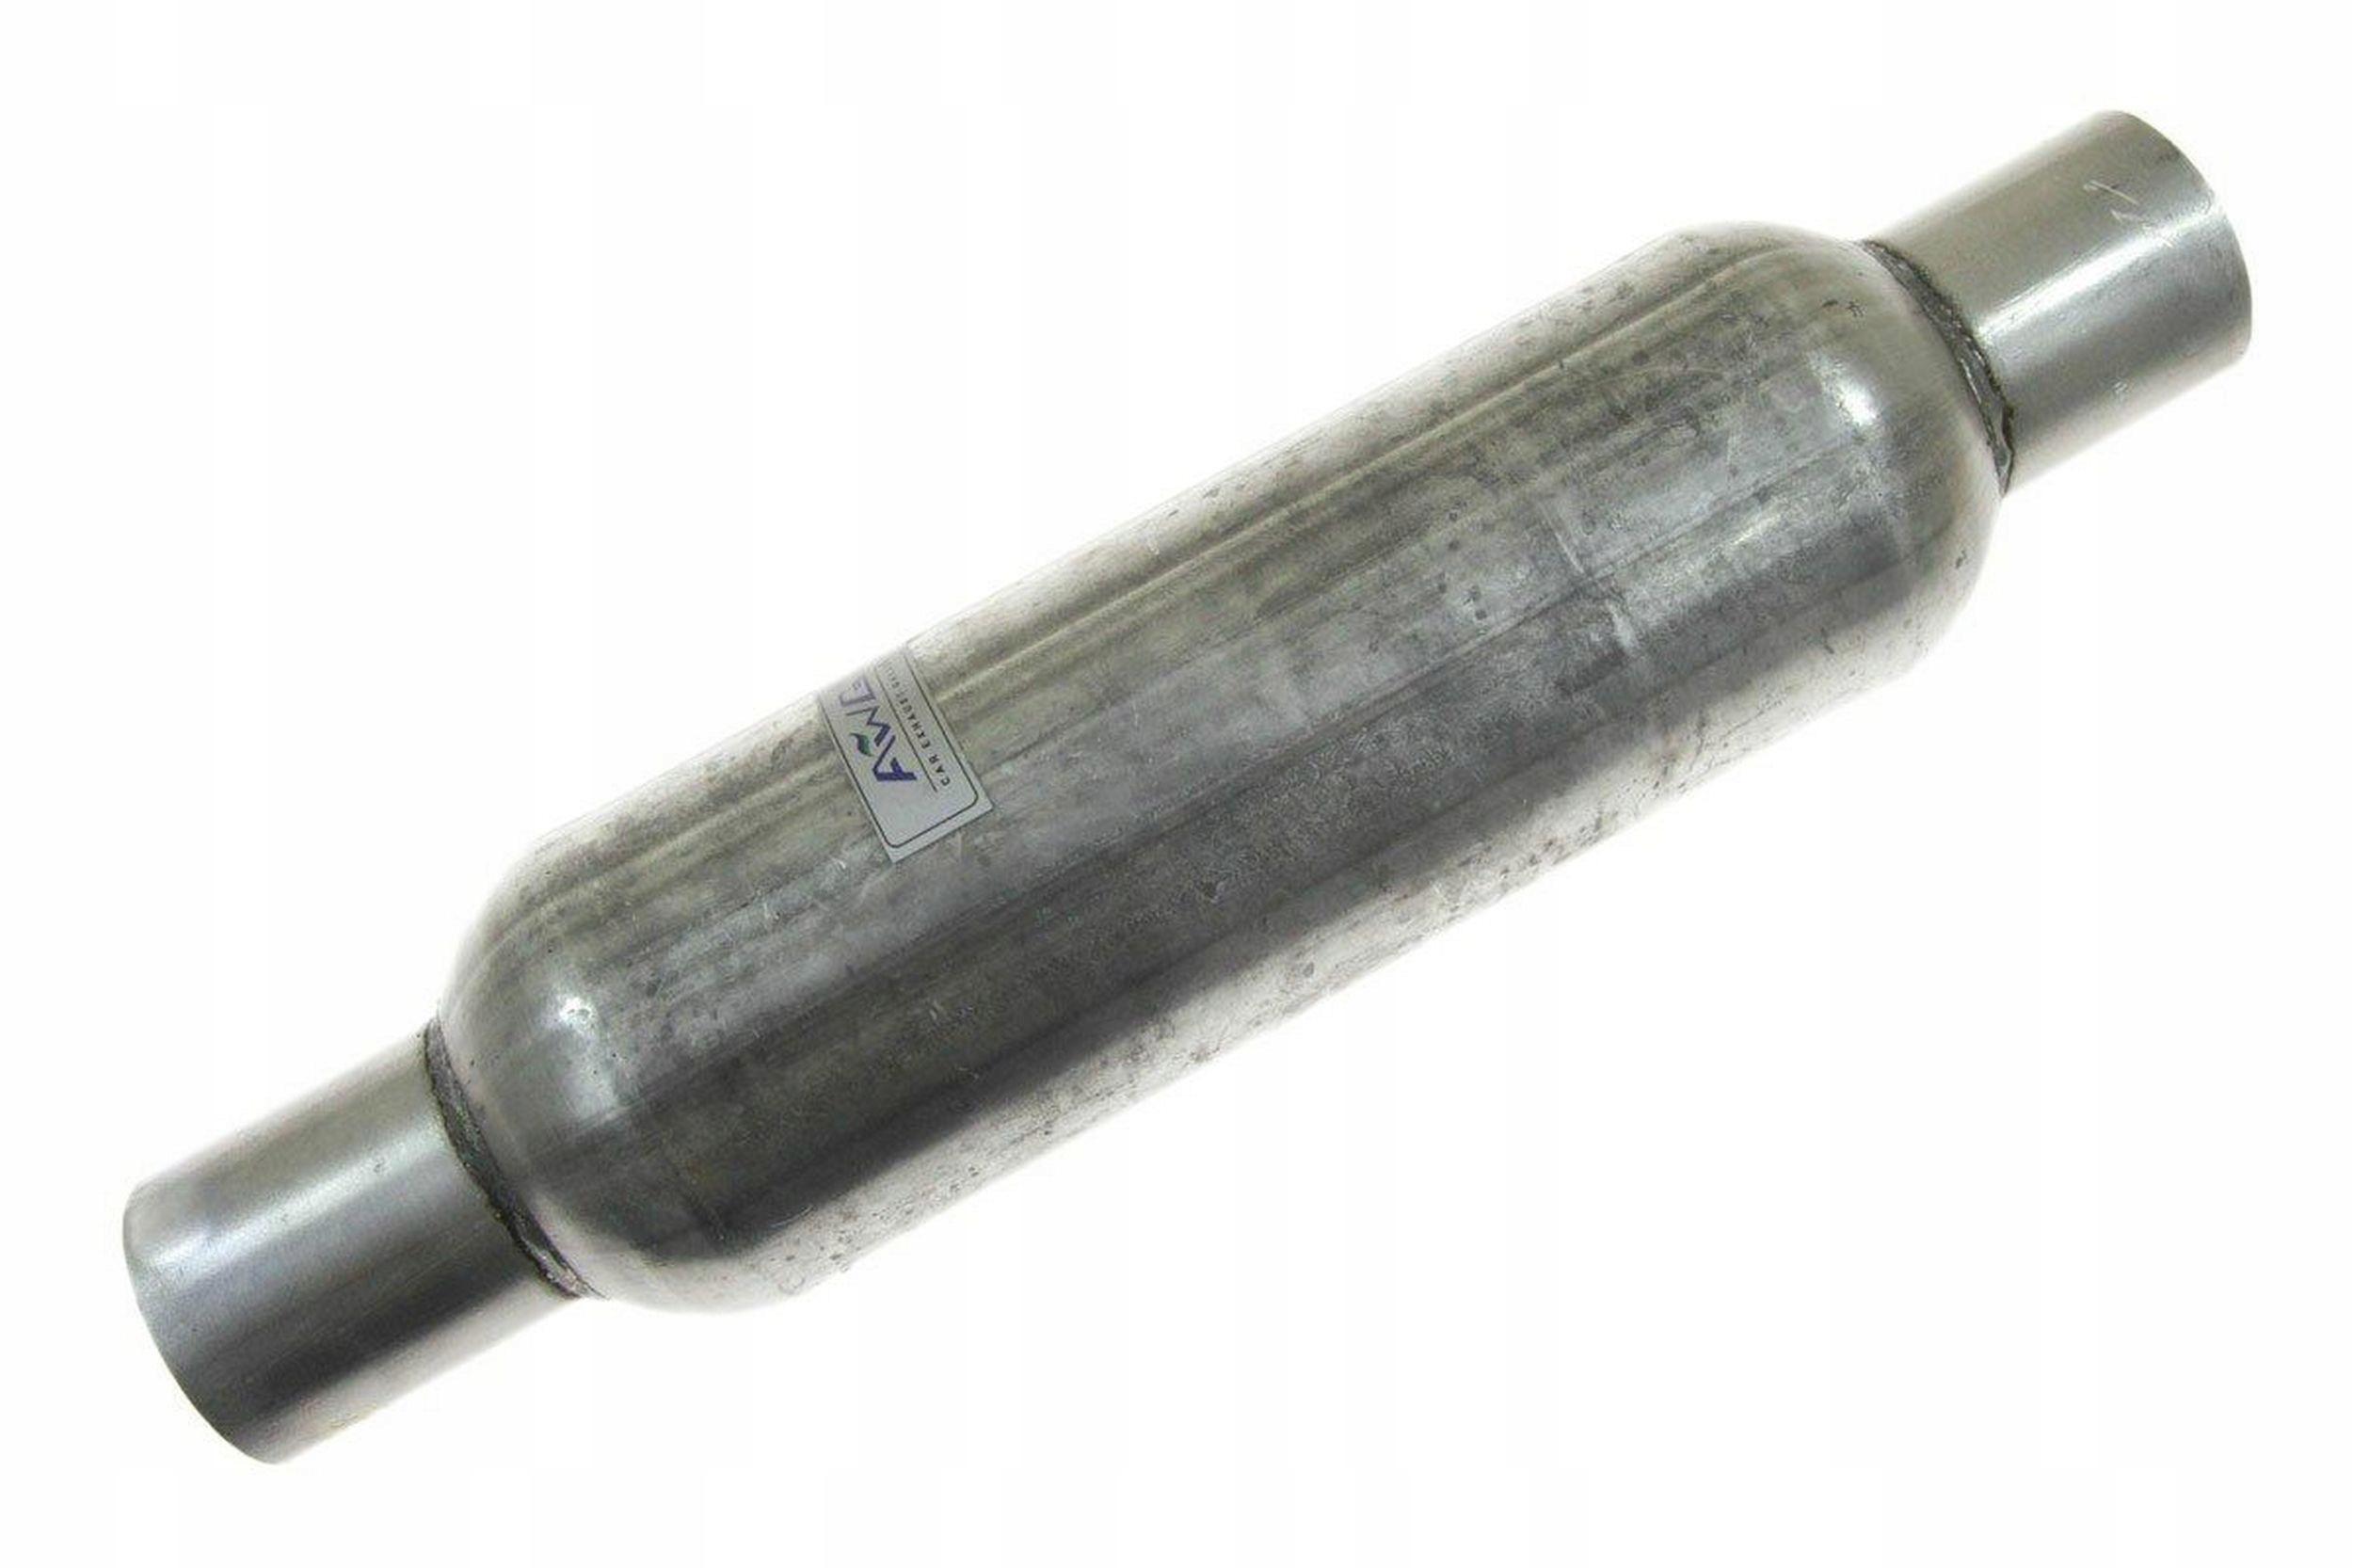 глушитель Средний fi 60mm спортивный сквозное awg